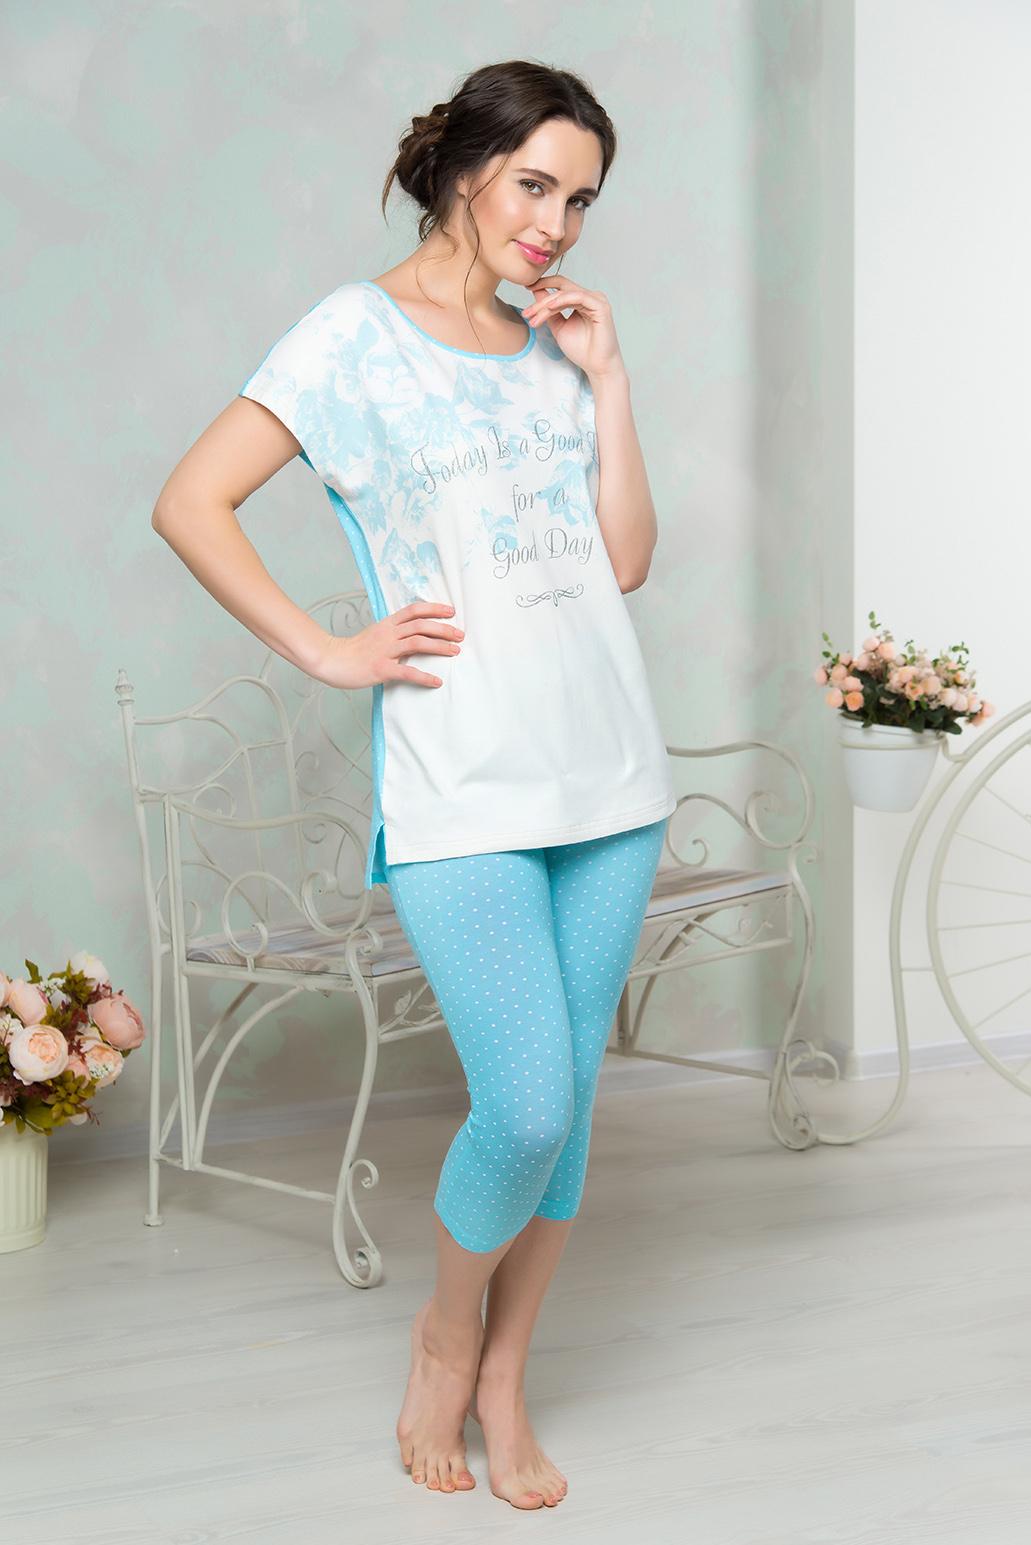 Комплект домашний женский Mia Cara: футболка, капри, цвет: голубой. AW16-MCUZ-847. Размер 54/56AW16-MCUZ-847Комплект домашний одежды Mia Cara состоит из футболки и брюк-капри. Модель выполнена из высококачественного хлопка с добавлением эластана. Футболка с круглой горловиной дополнена принтом с надписями и небольшими разрезами по бокам. Капри оформлены рисунком в горошек.